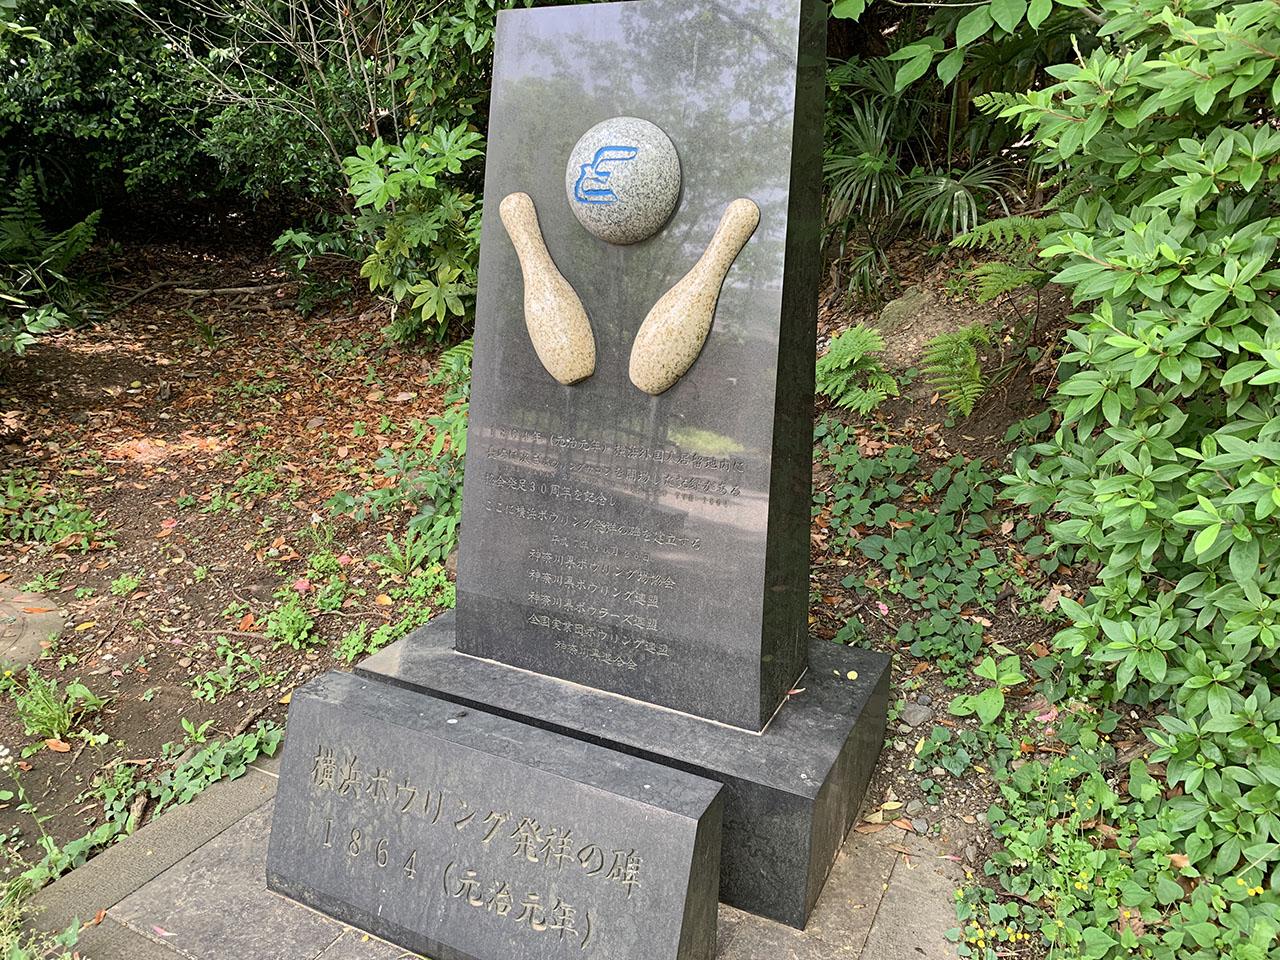 横浜ボウリング発祥の碑